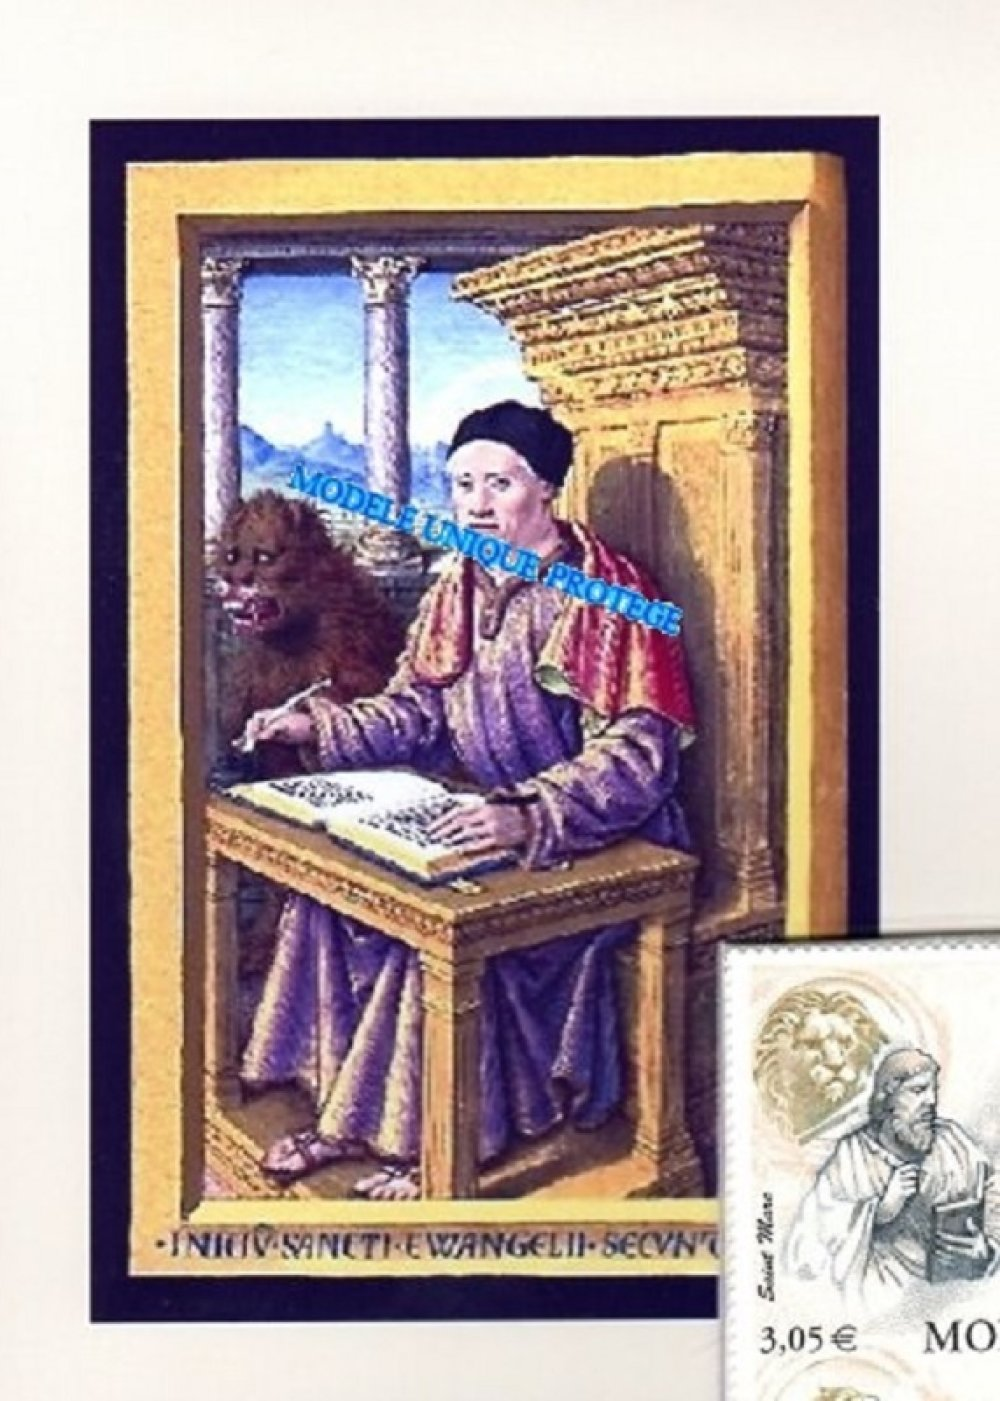 Les 4 évangélistes, Art religieux, Montage photo unique fabriqué en France, art numérique, décoration murale, modèle unique.